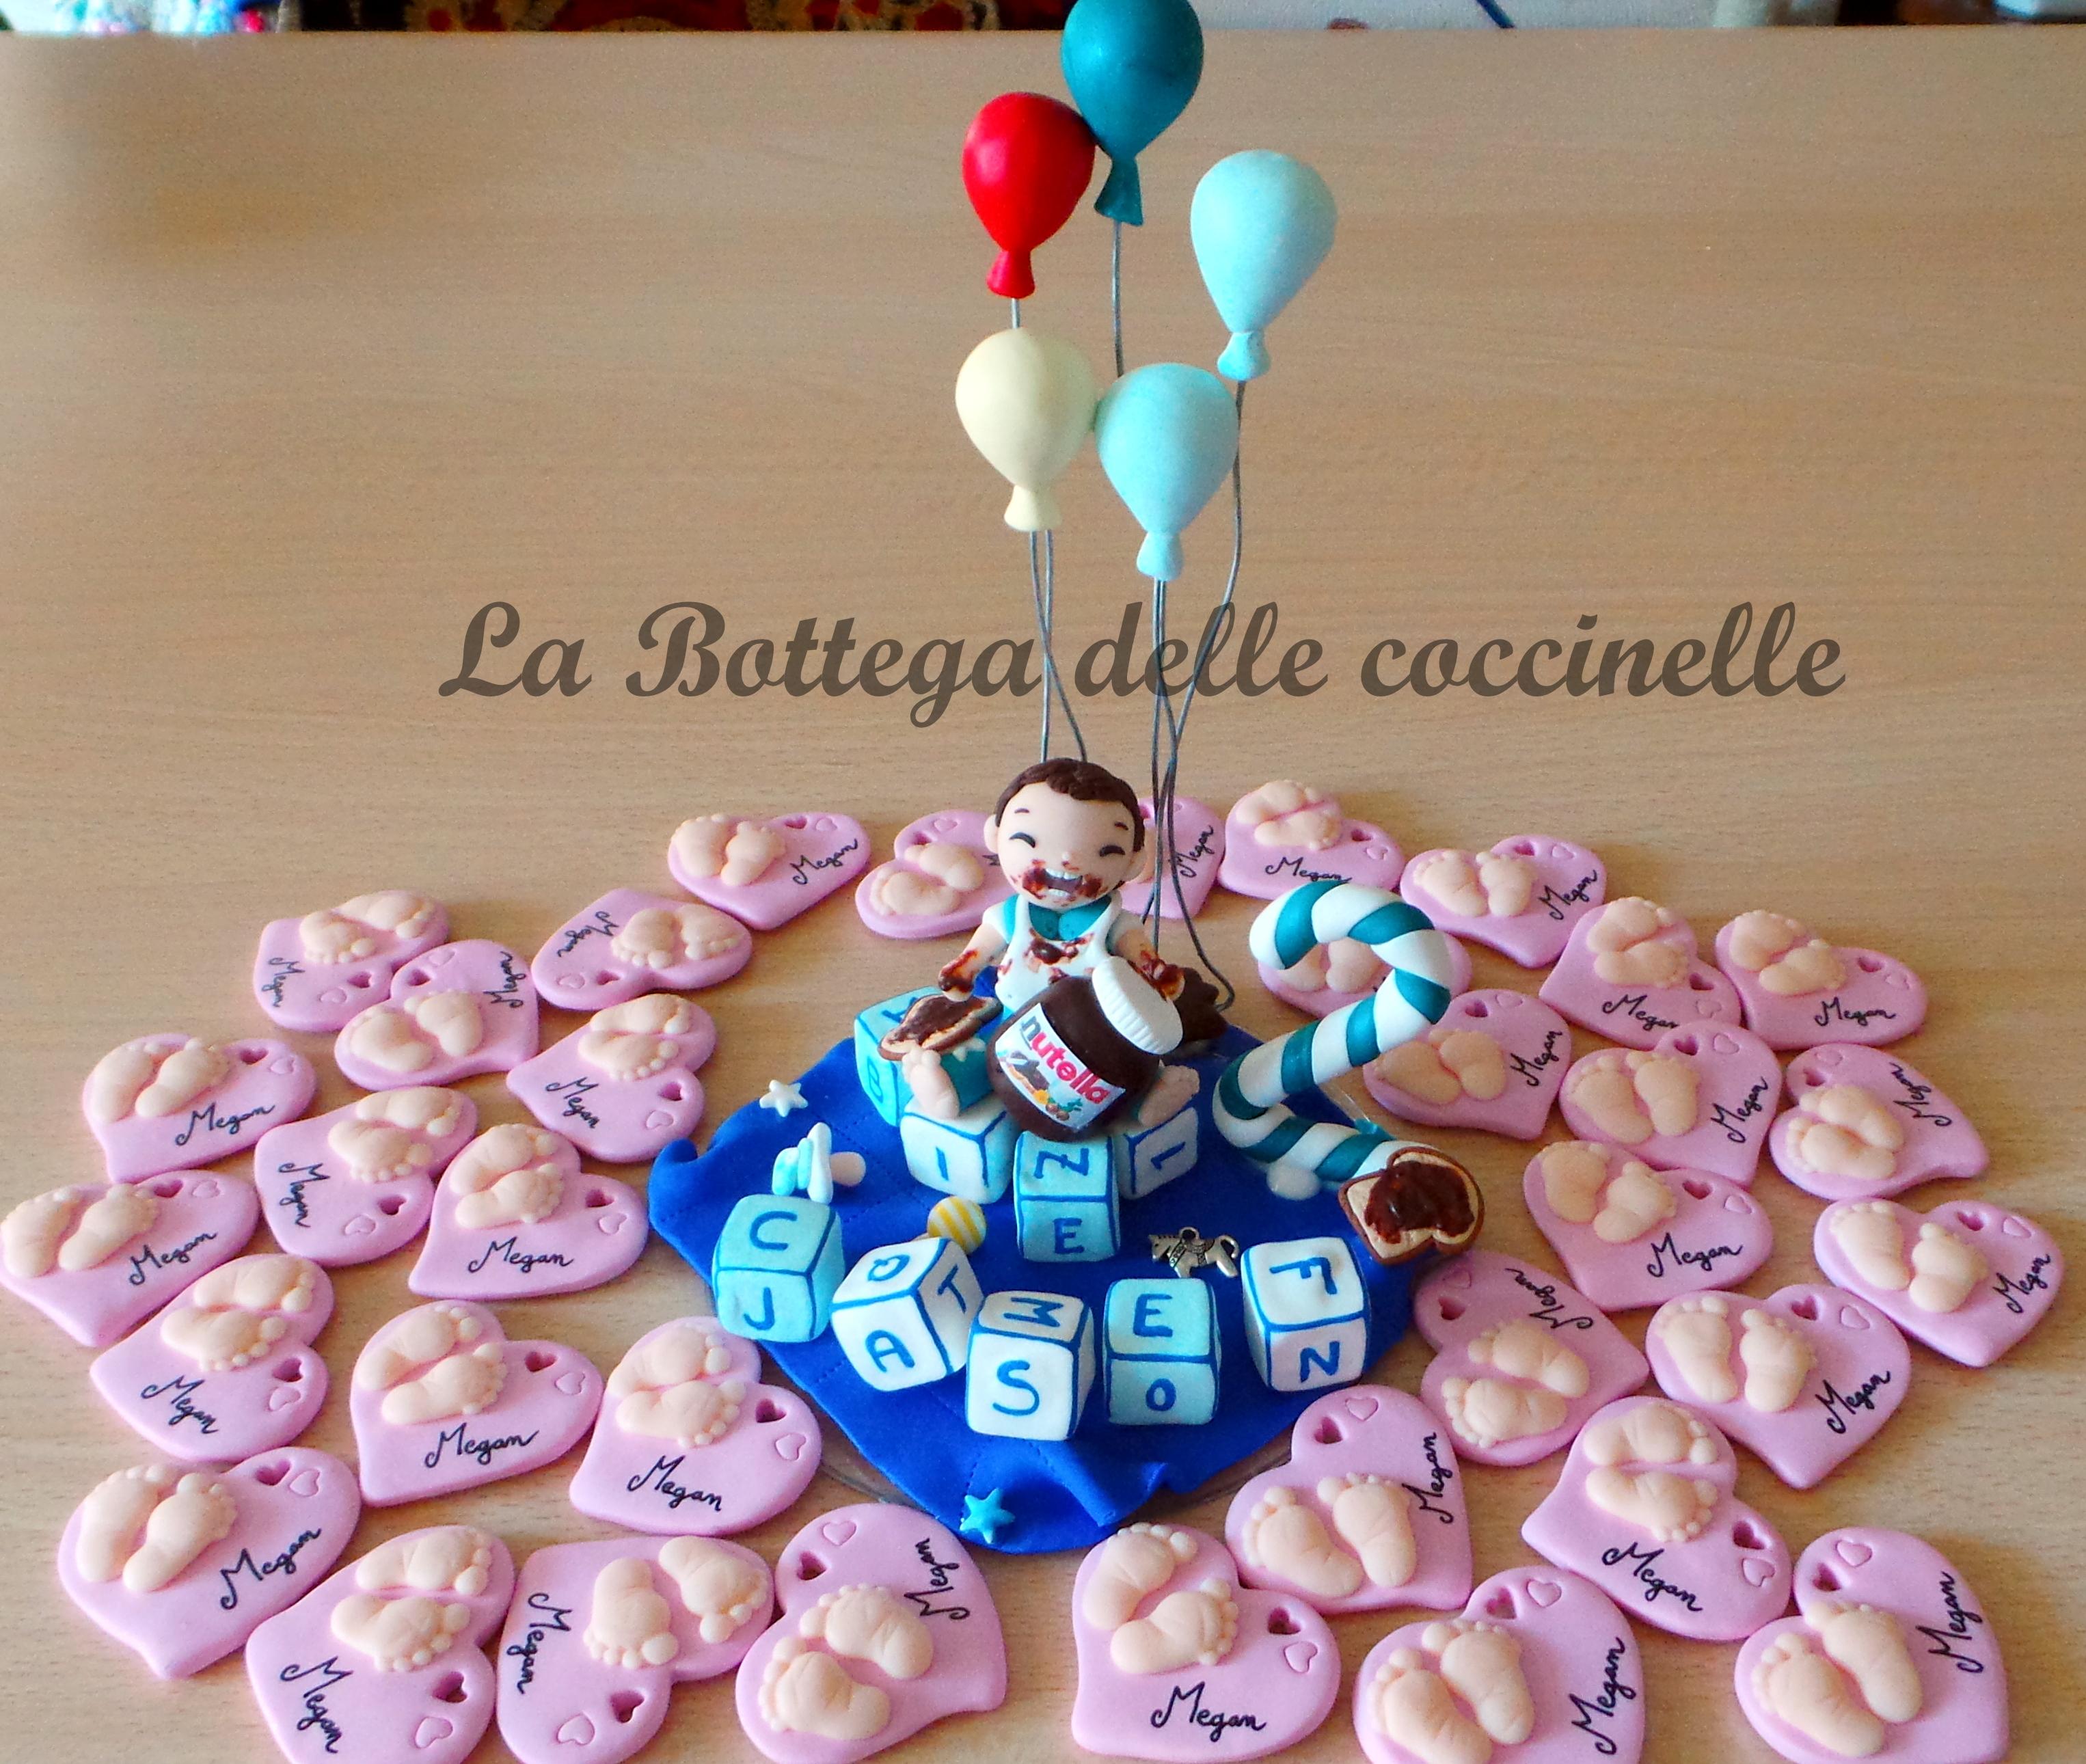 Decorazioni per torte di compleanno bambini for Decorazioni torta compleanno